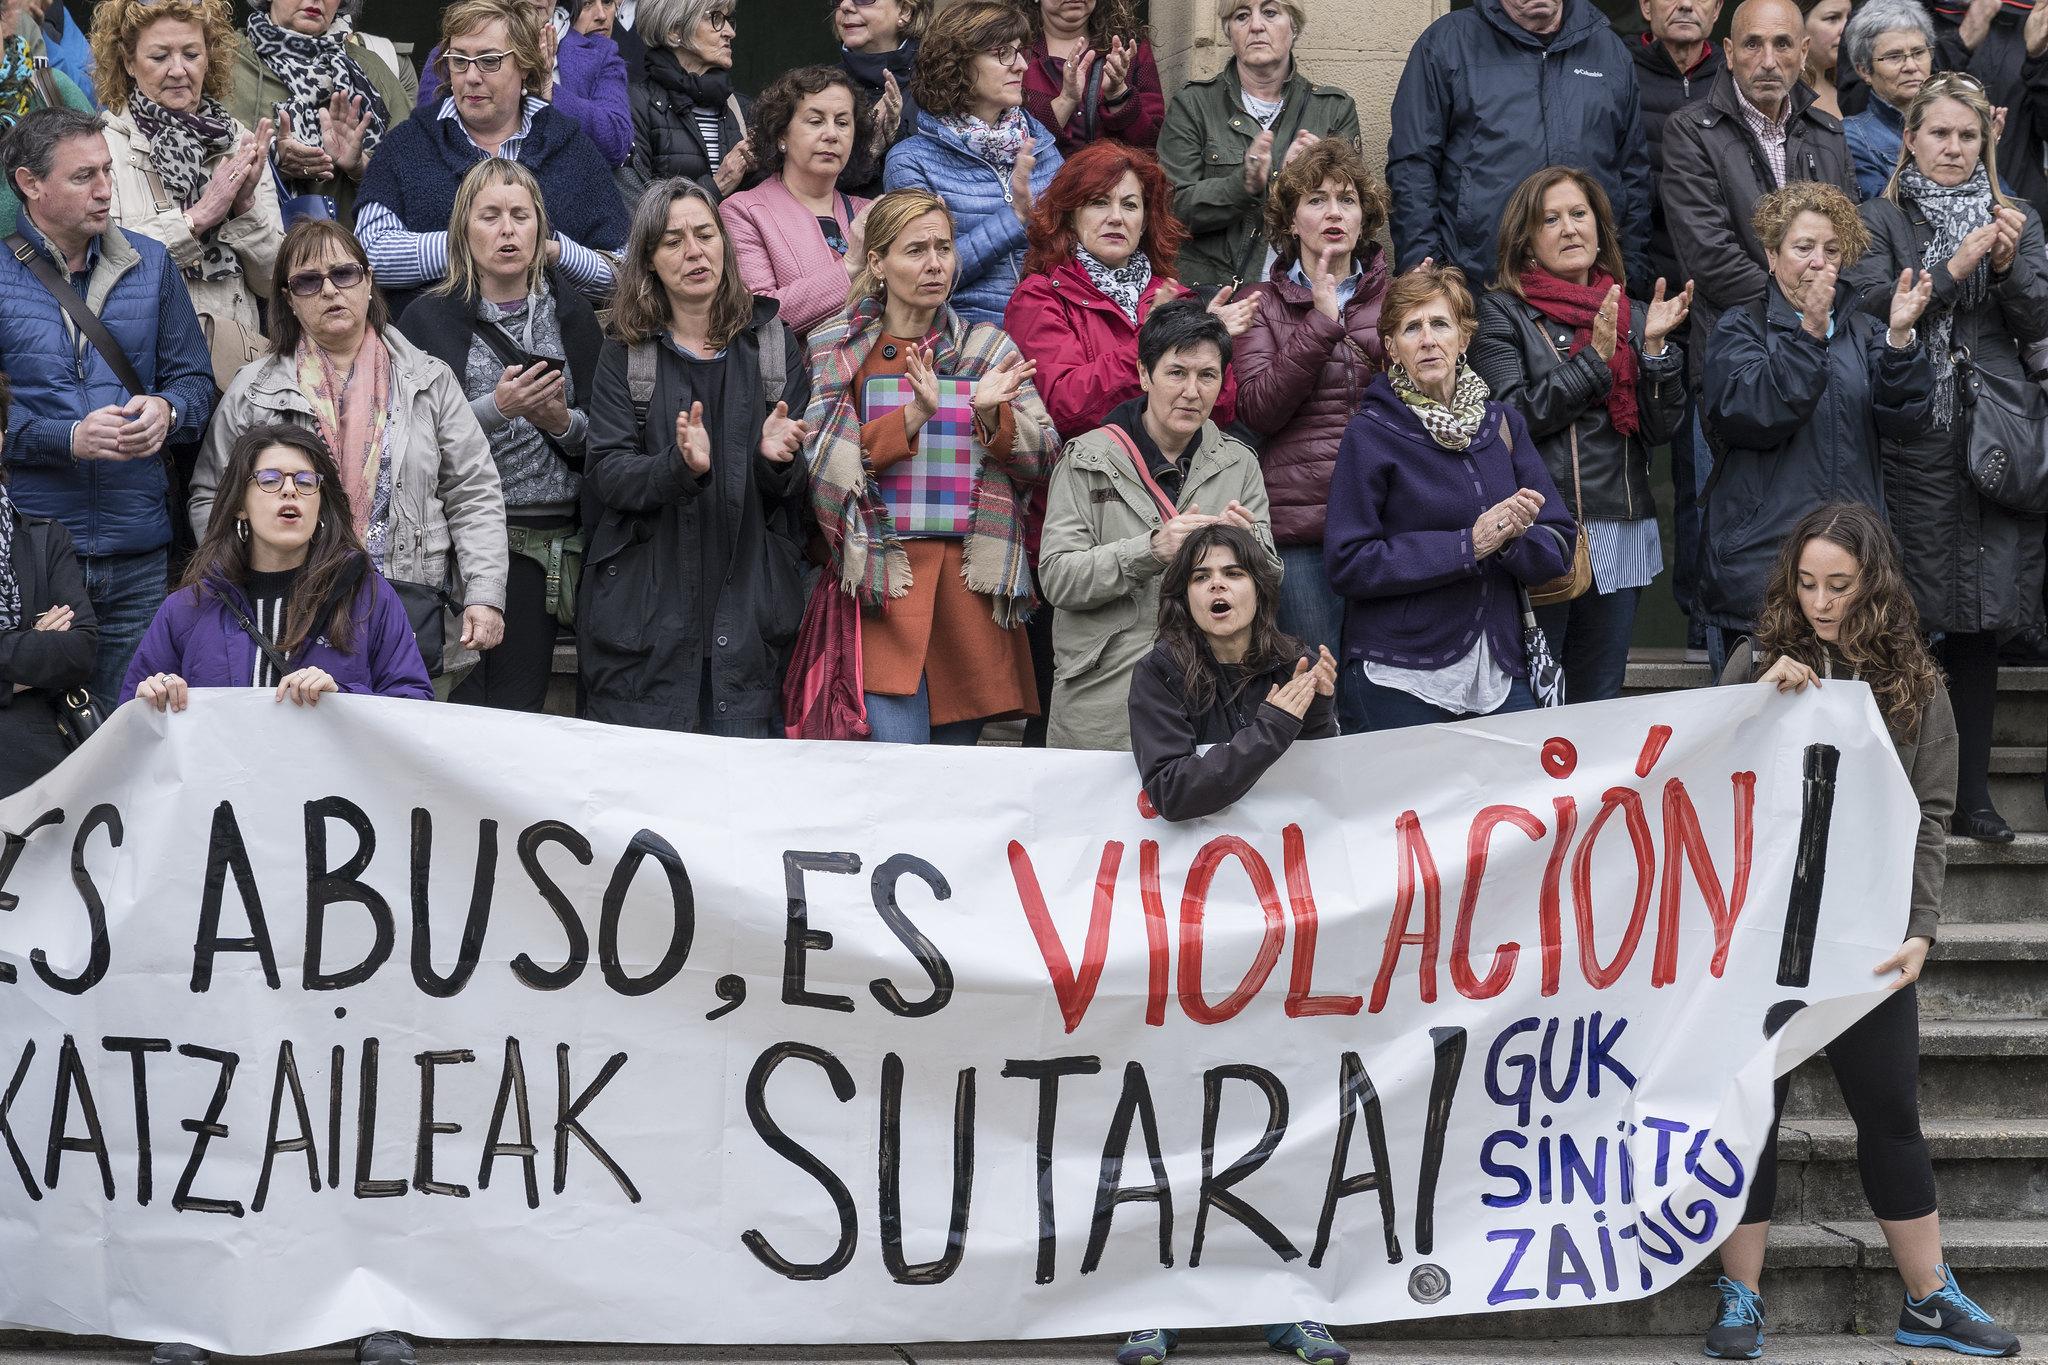 Sanferminetako bortxaketaren epaia salatzeko elkarretaratzeak Uribe Kostan